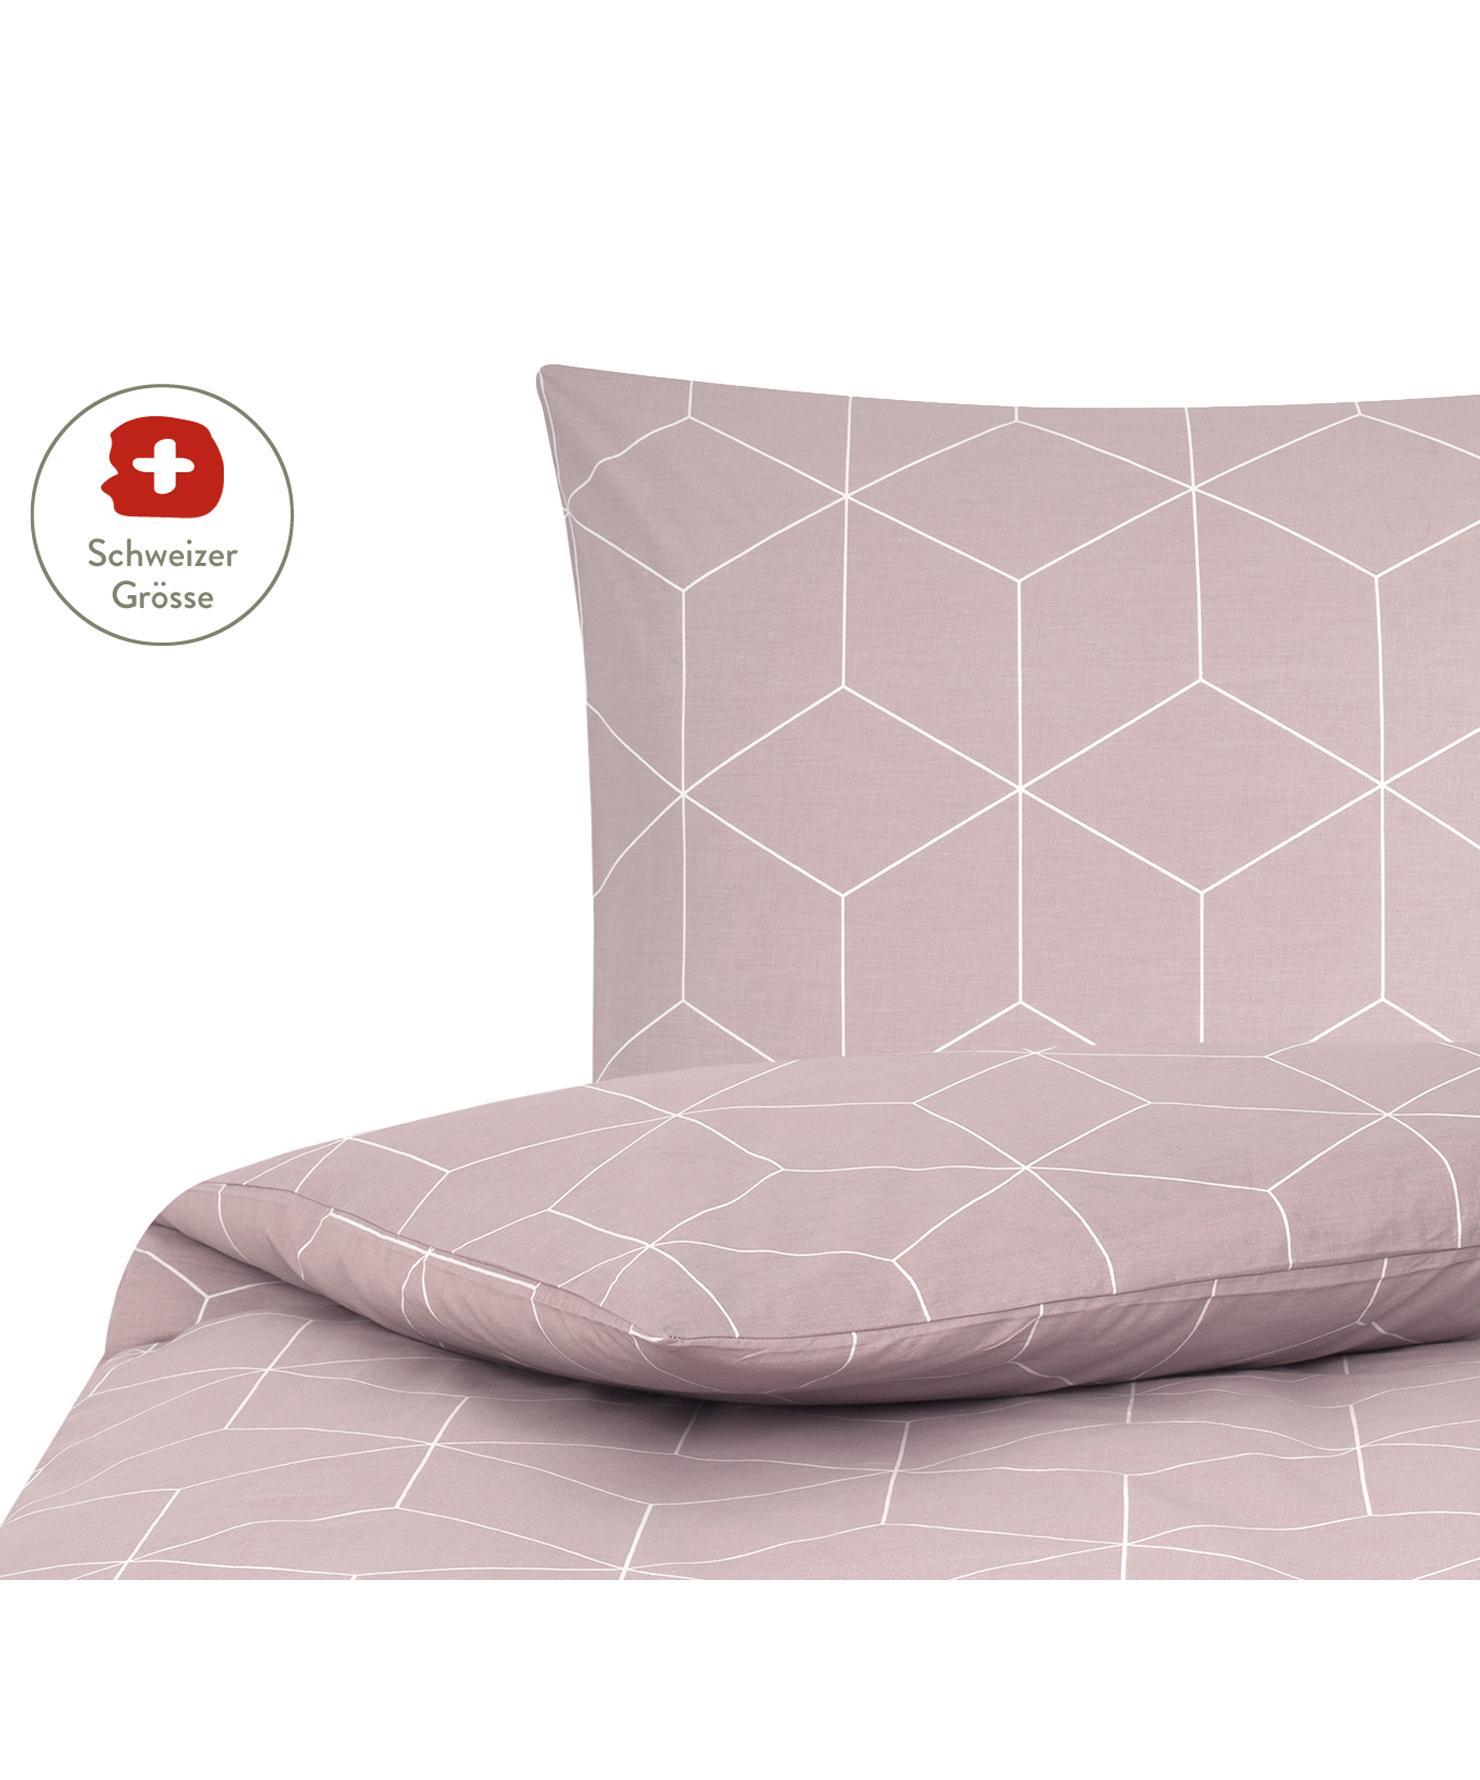 Baumwoll-Bettdeckenbezug Lynn mit grafischem Muster, Webart: Renforcé Fadendichte 144 , Altrosa, Cremeweiss, 160 x 210 cm